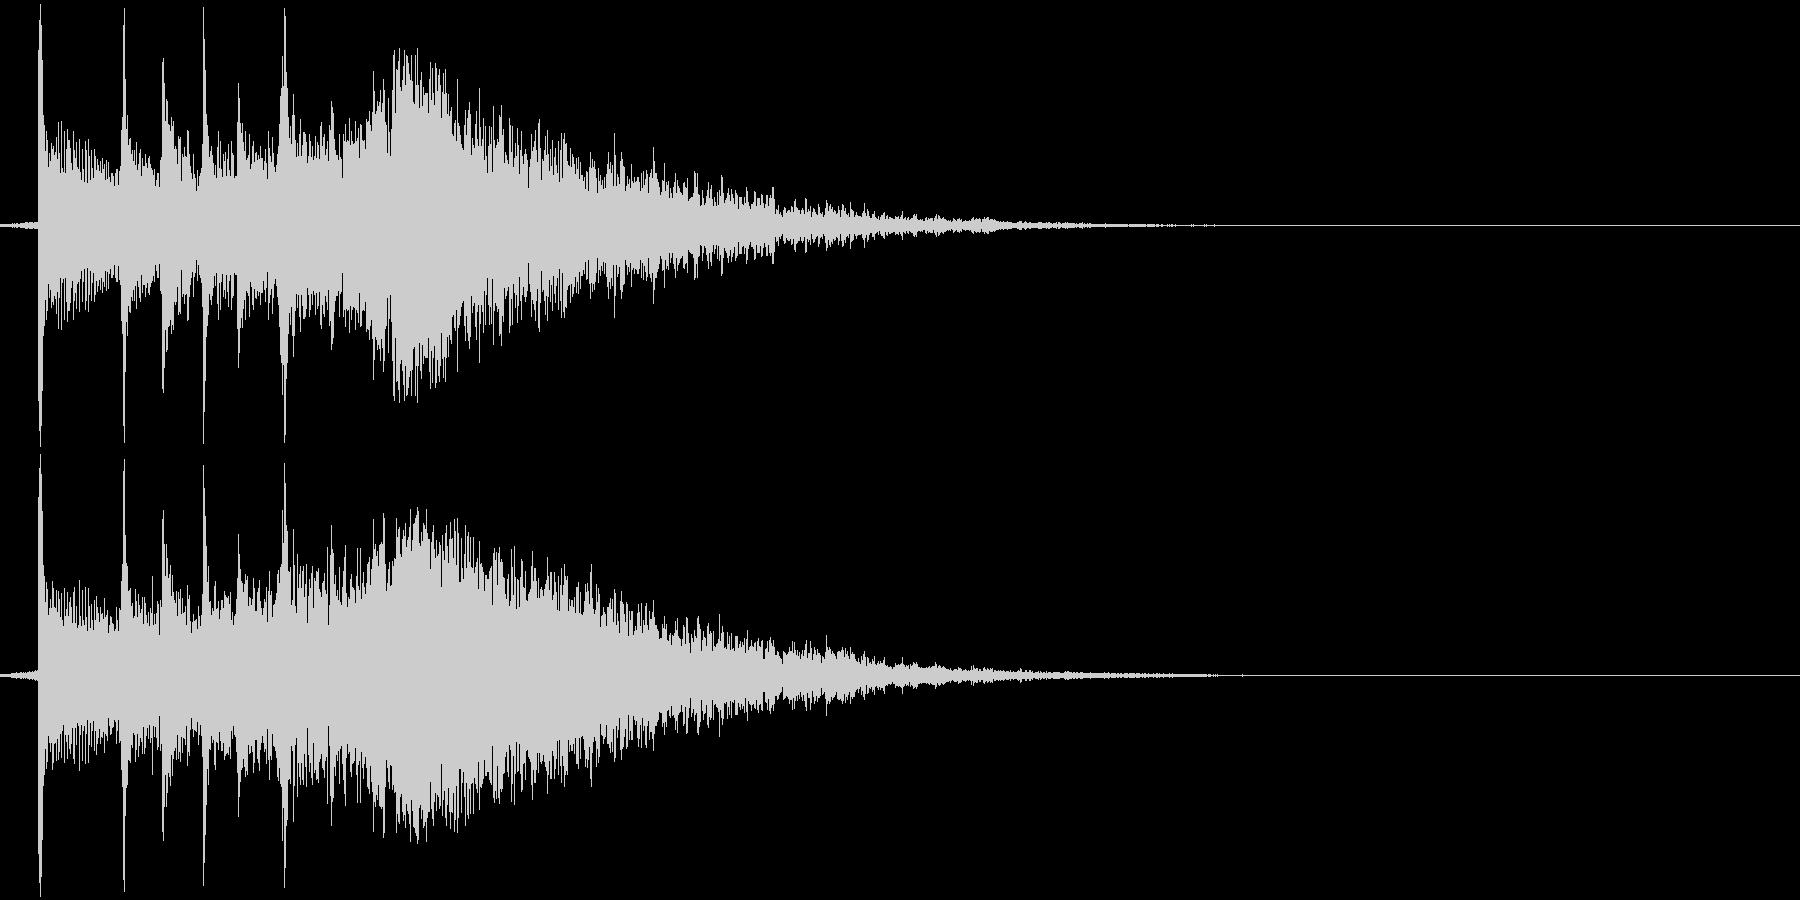 三味線と鈴の音の渋いジングルの未再生の波形